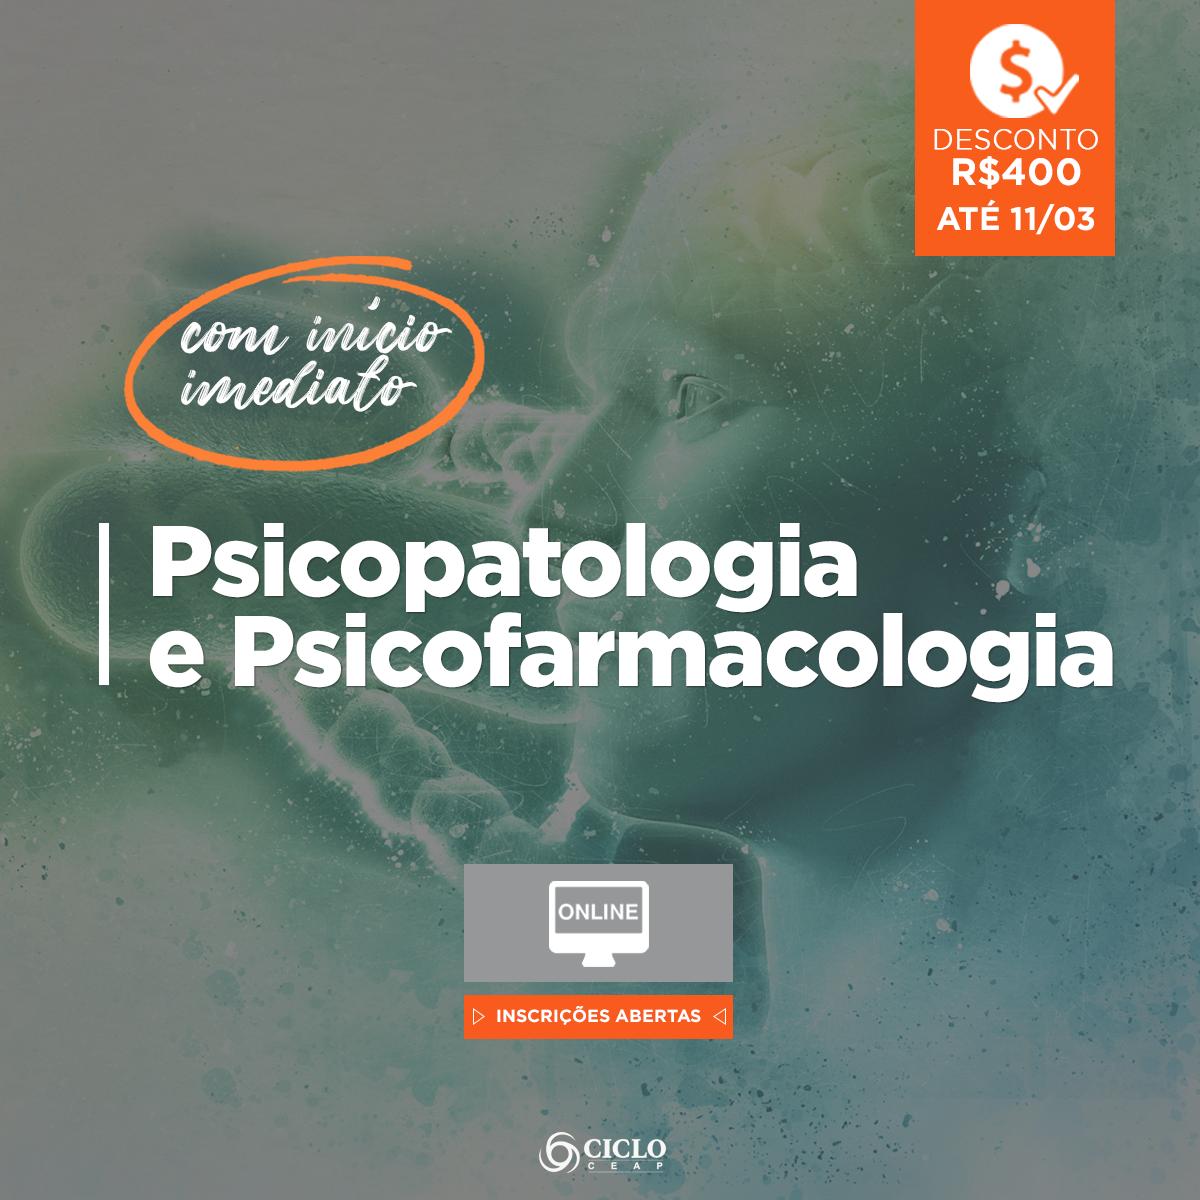 post_Psicopatologia e Psicofarmacologia_desc 400$ inicio imediato